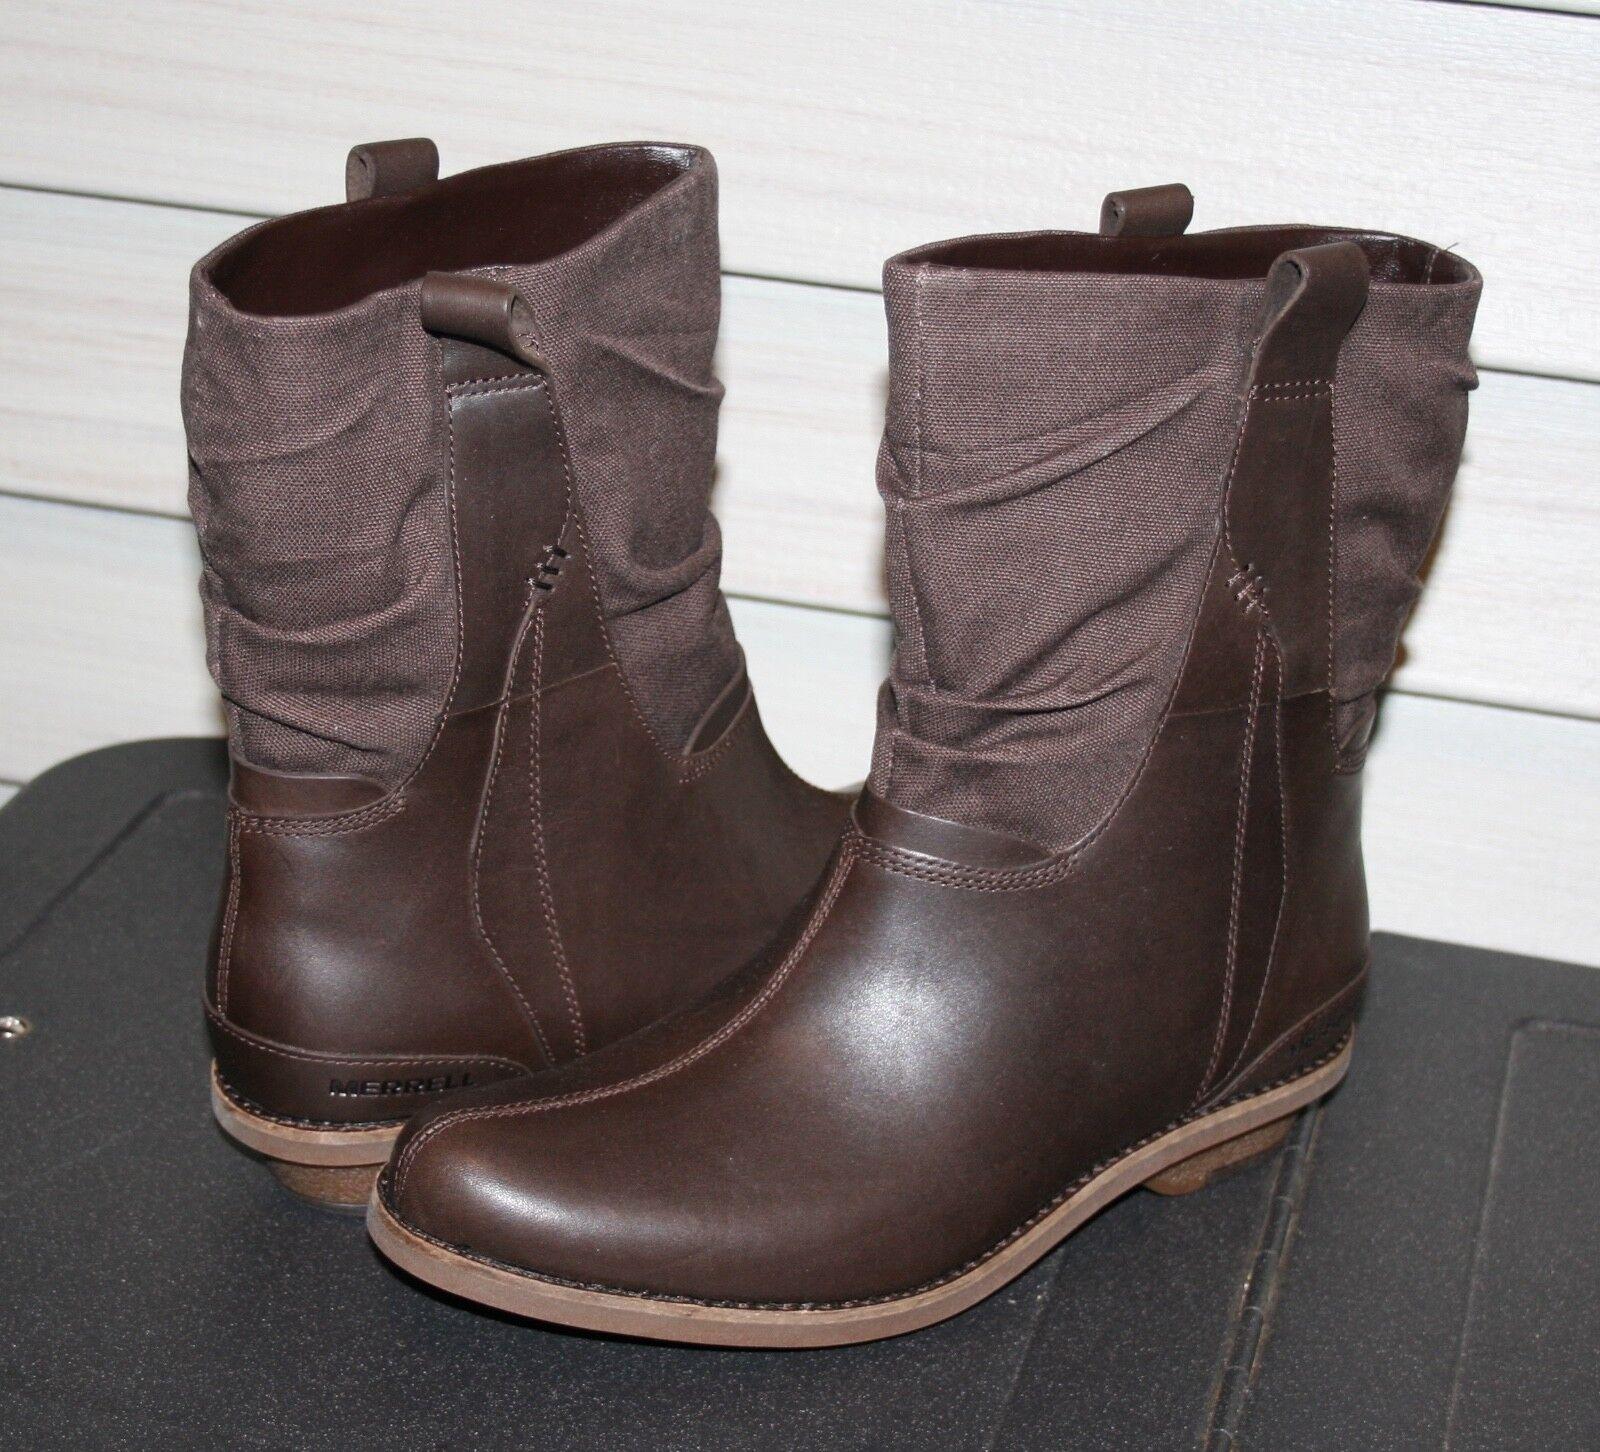 MERRELL ADALINE MID US 9 EU 40 Woman s Boot Brown